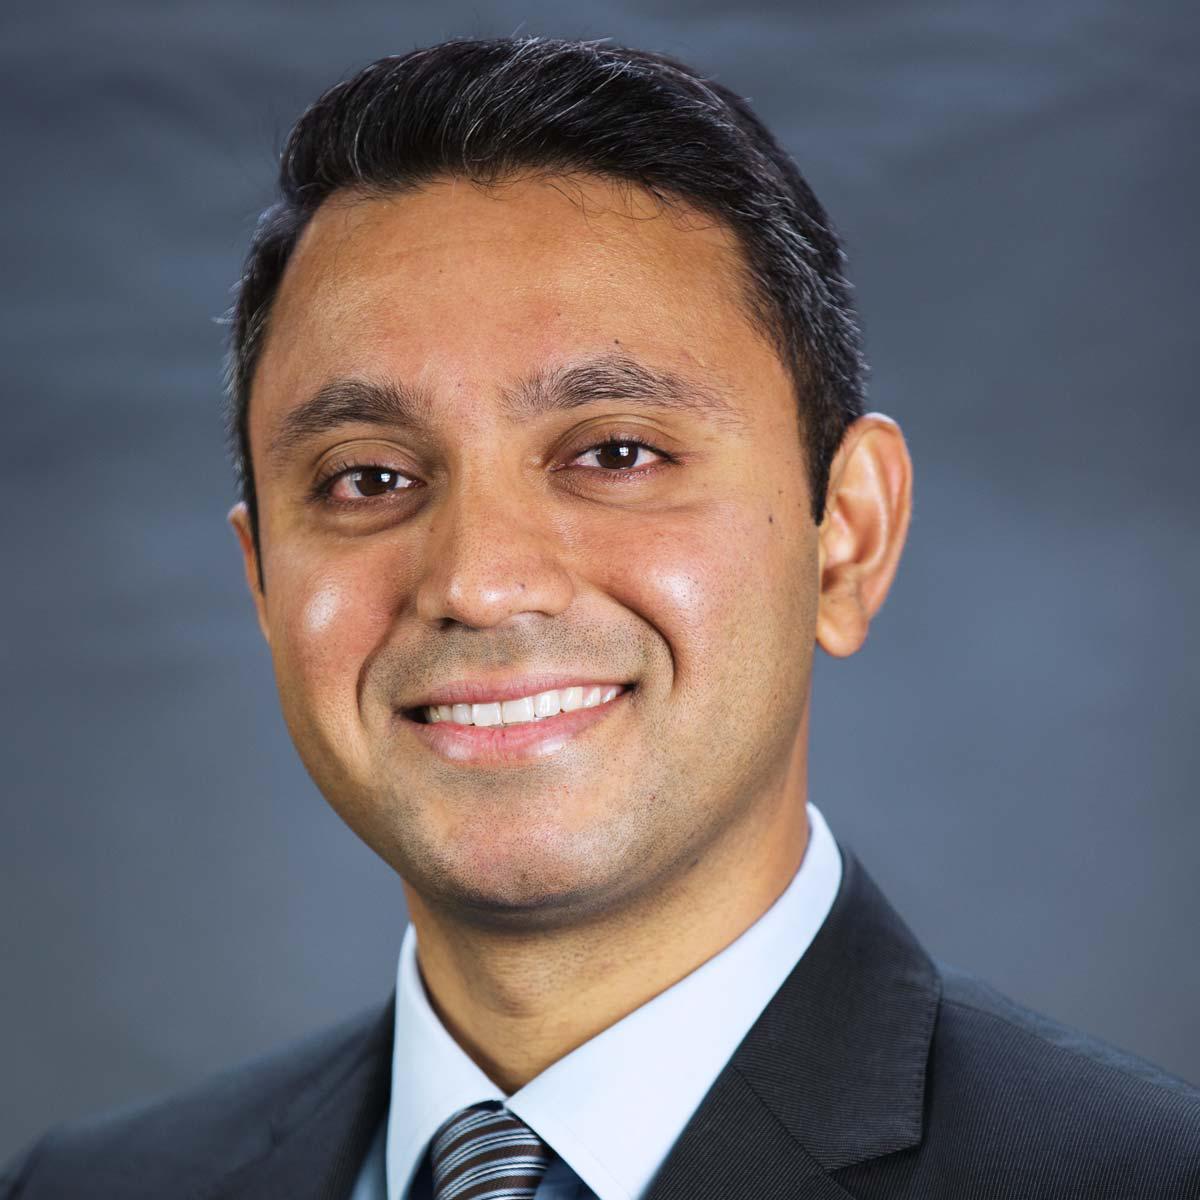 Arjun Balar